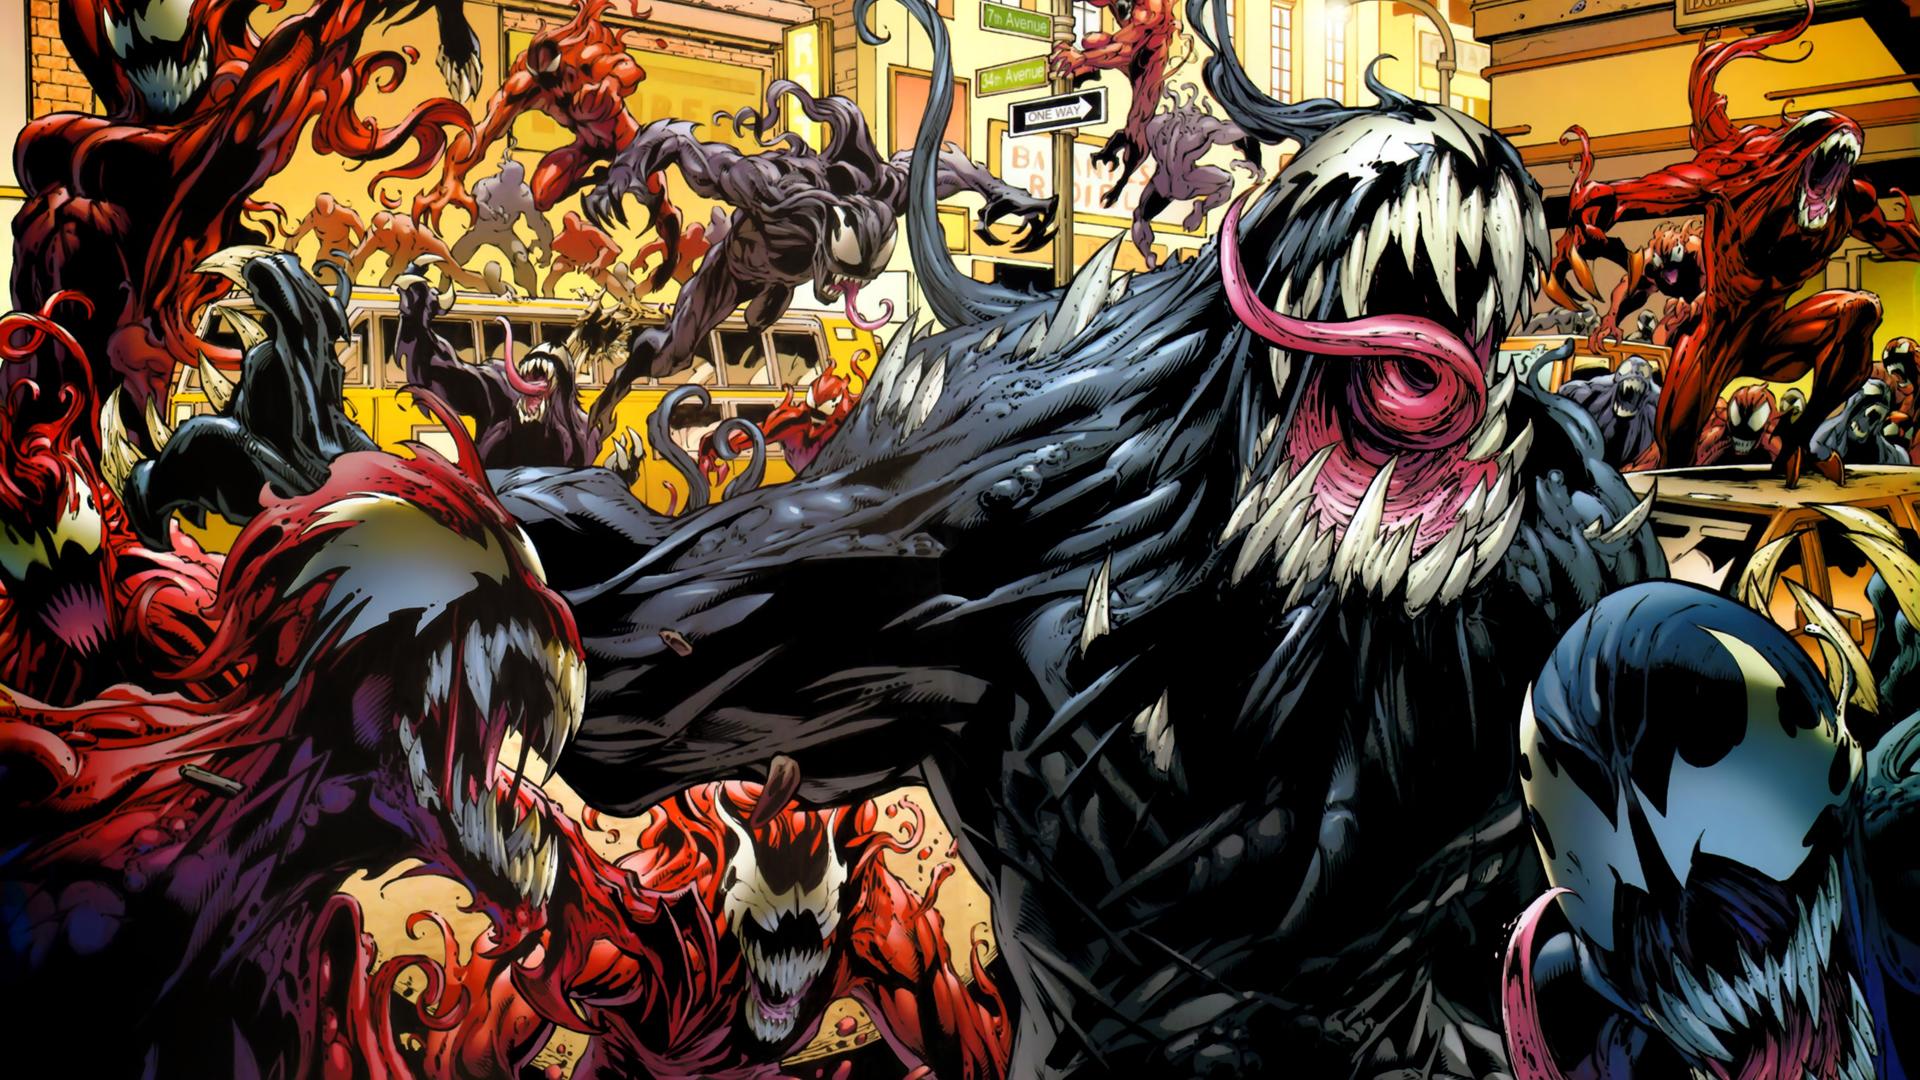 Comics Venom Wallpaper 1920x1080 Comics Venom Marvel Comics 1920x1080